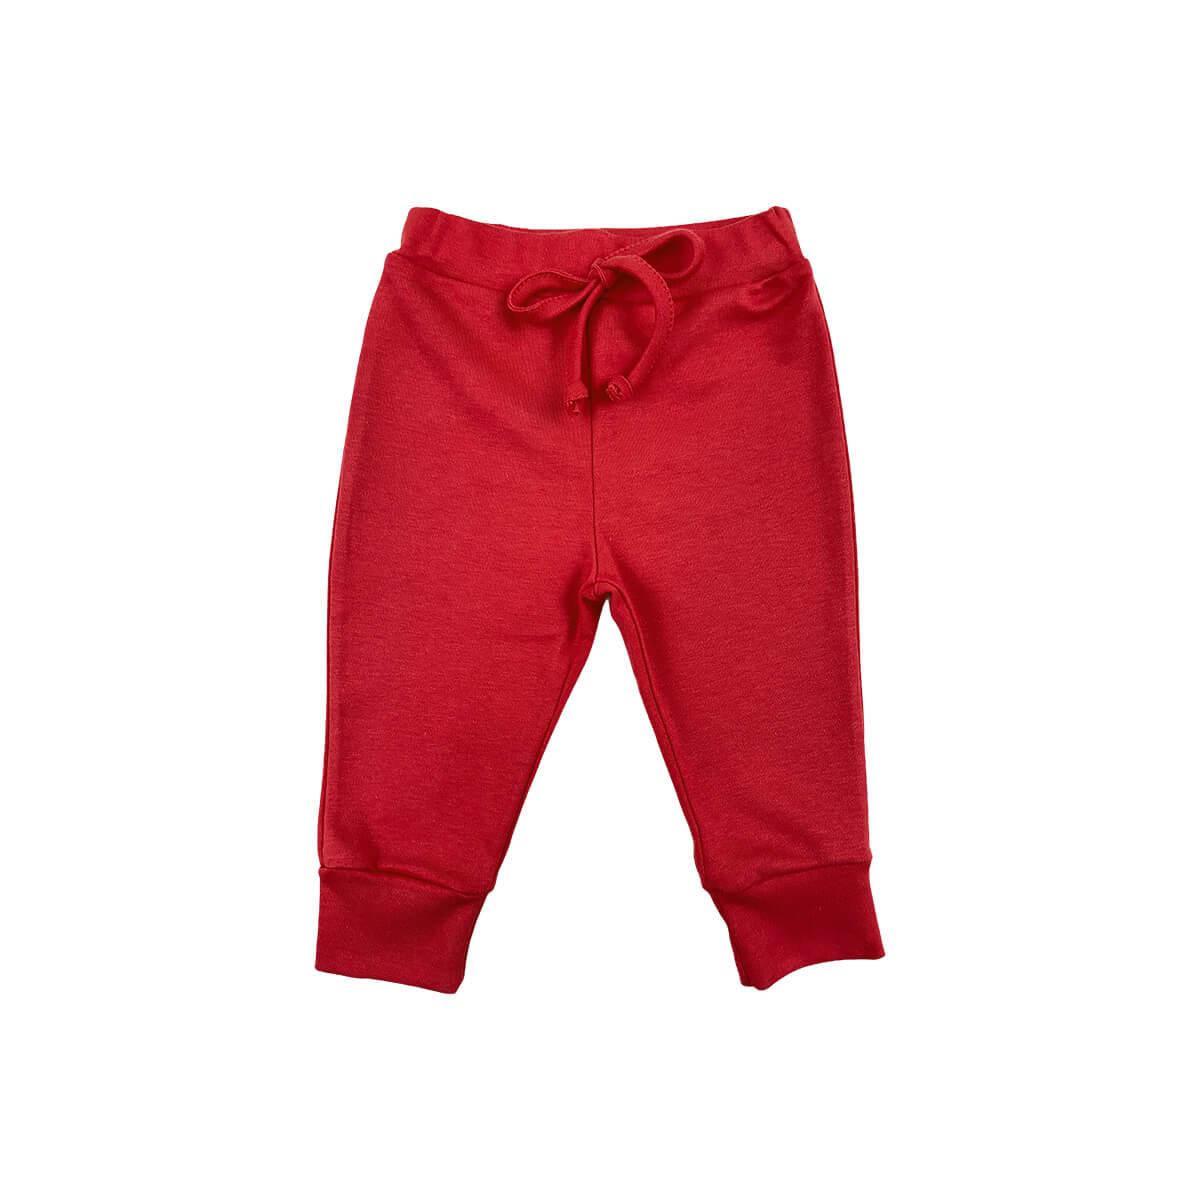 Calça Bebê Amarril Vermelho - 1 ao 3